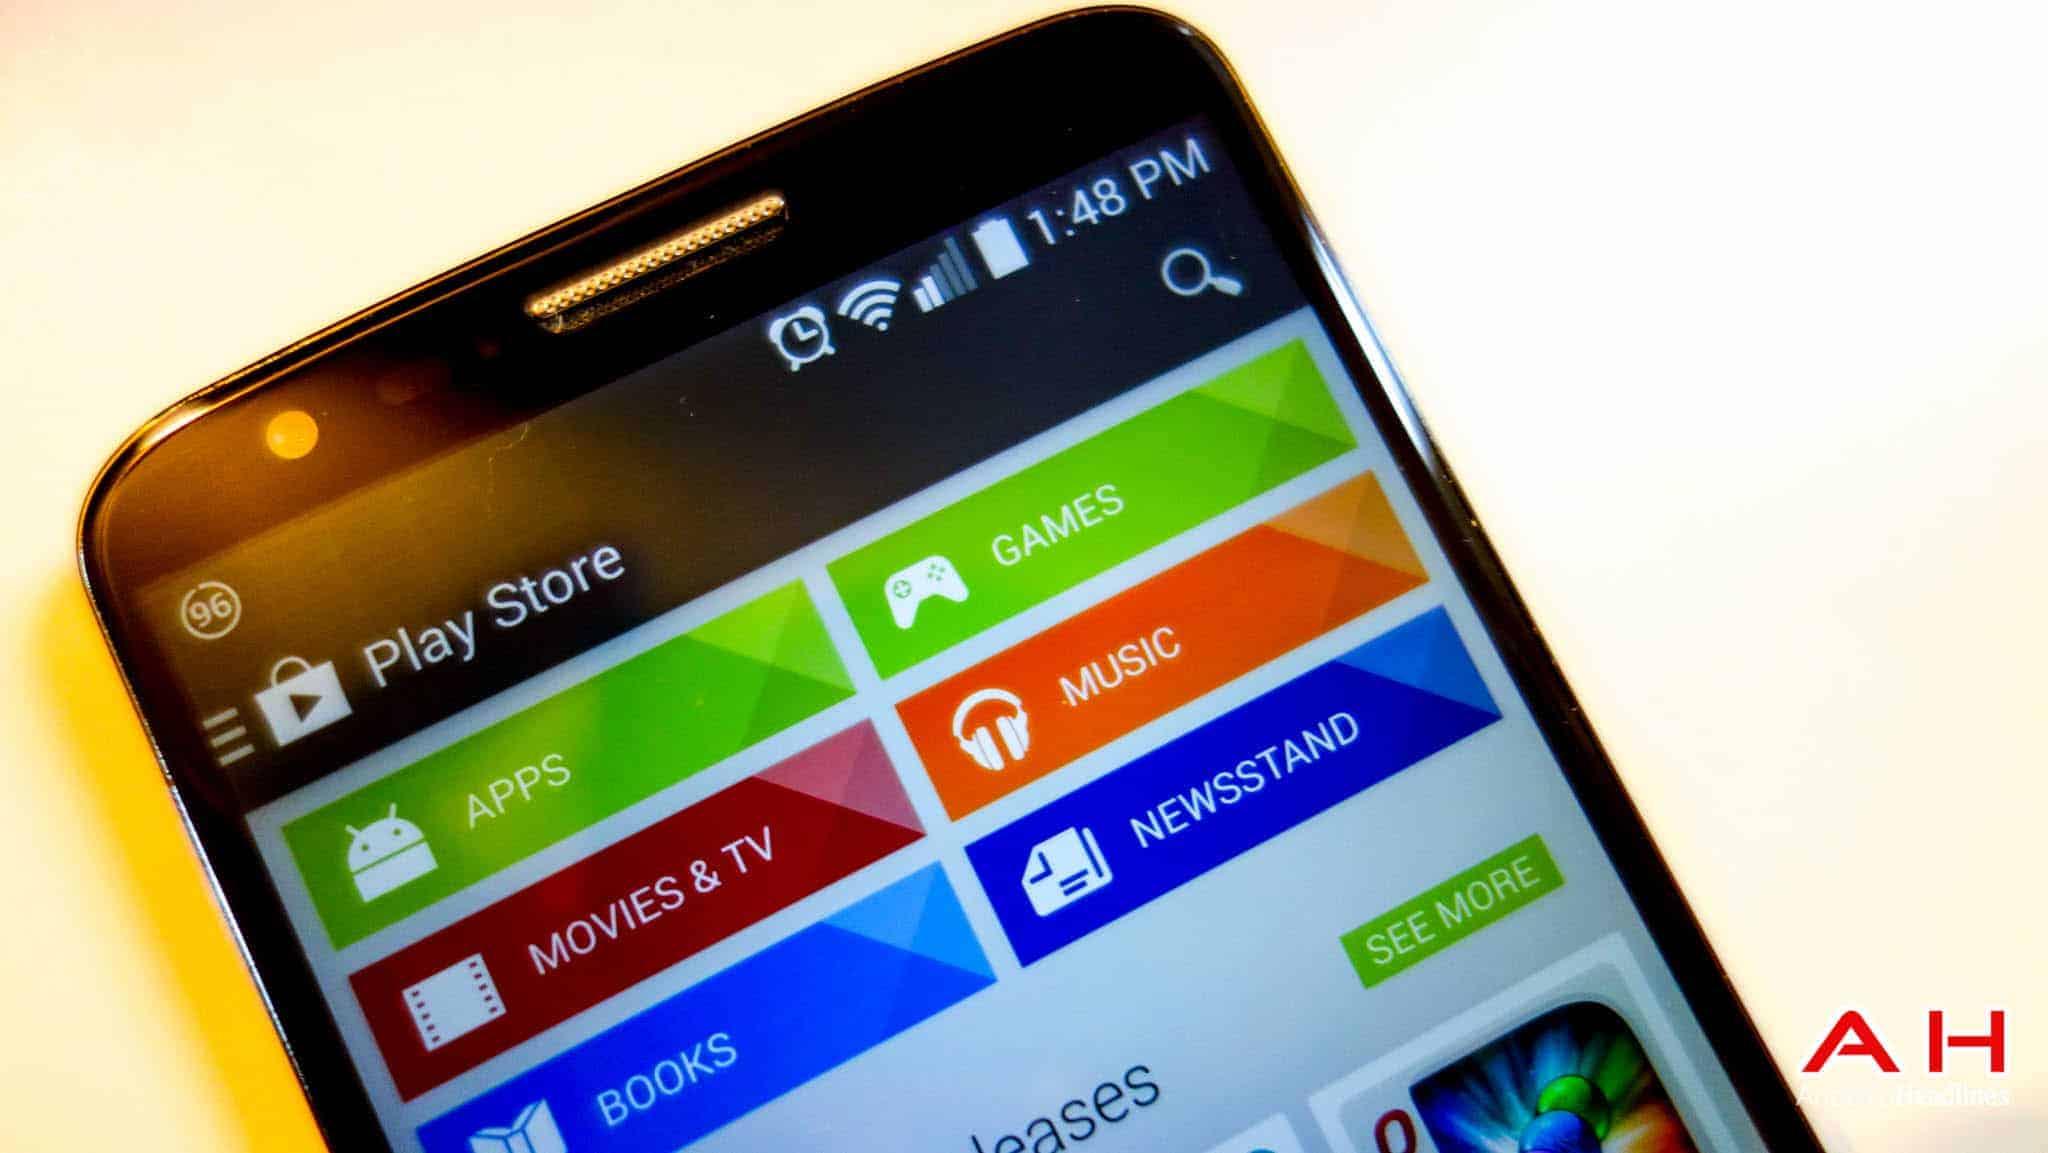 Google Play Store AH 3